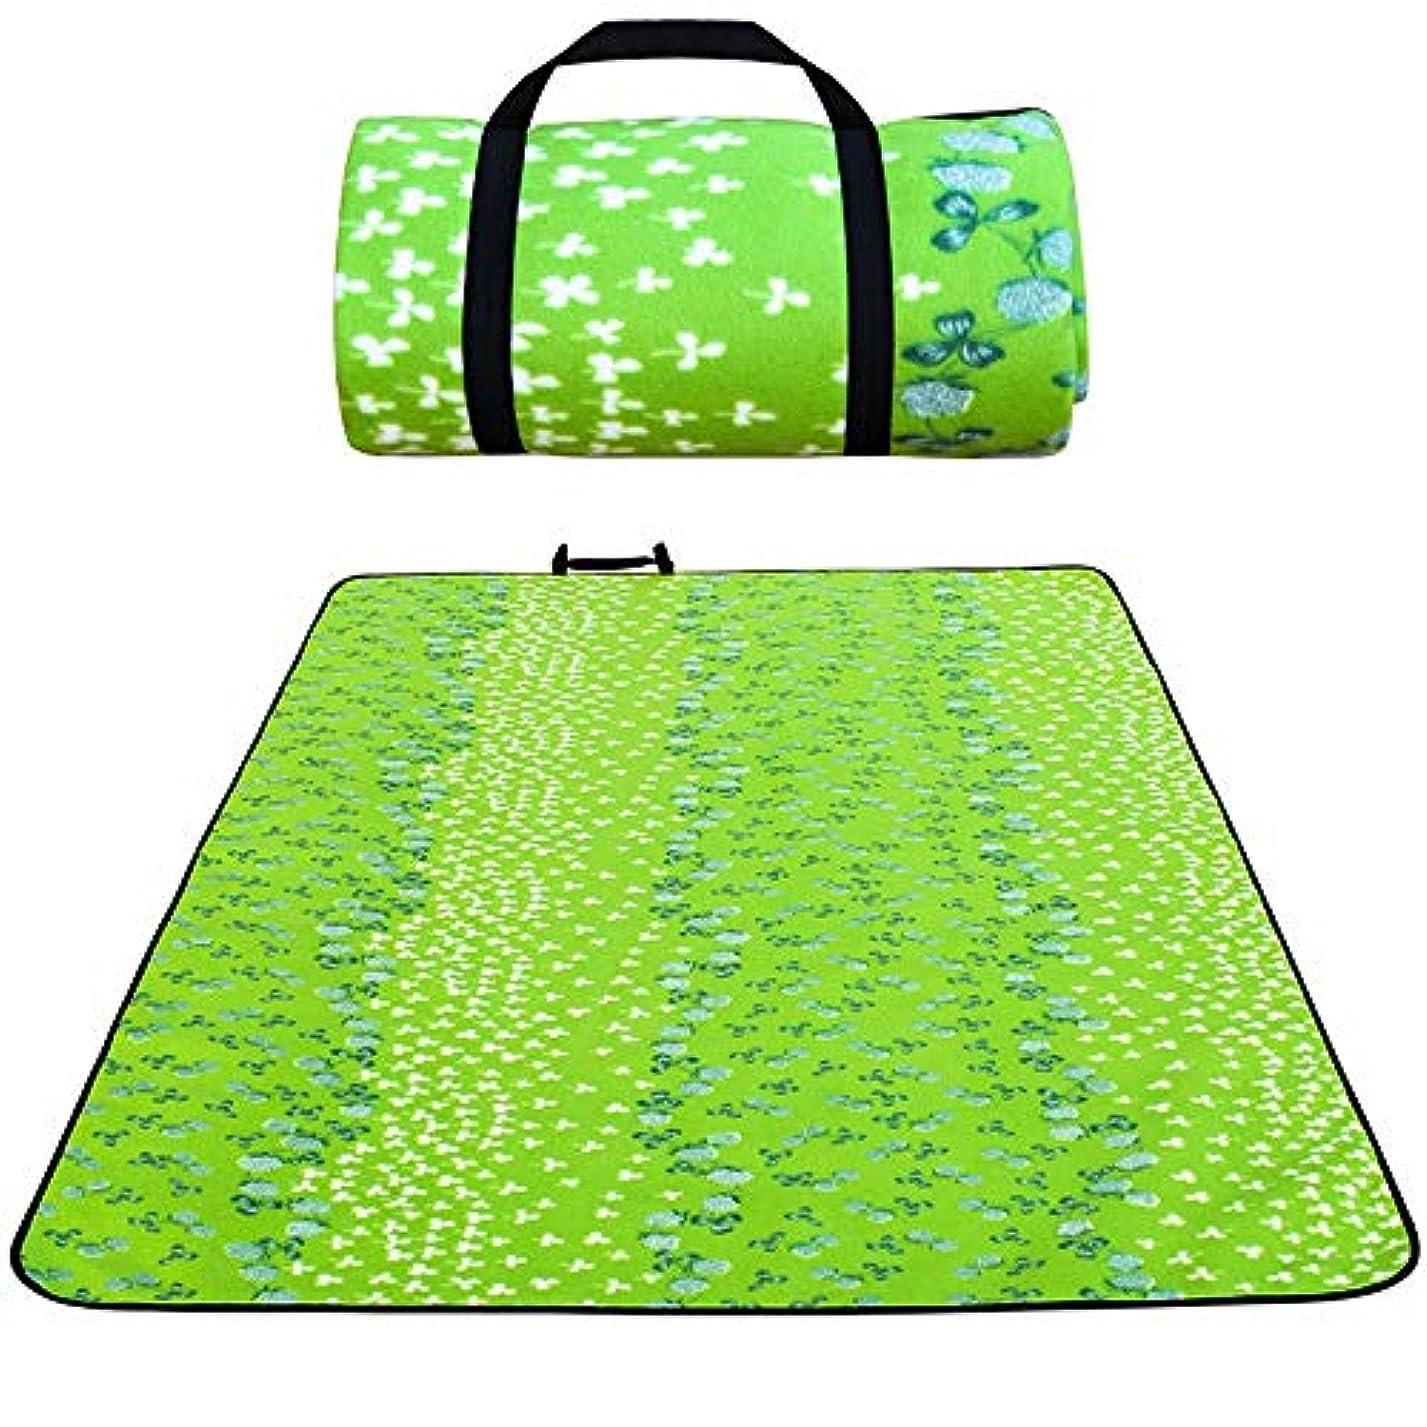 十二くいろいろ特大のピクニック及び屋外毛布二重層、旅行毛布のための浜の毛布の密集したポケット毛布ピクニック毛布